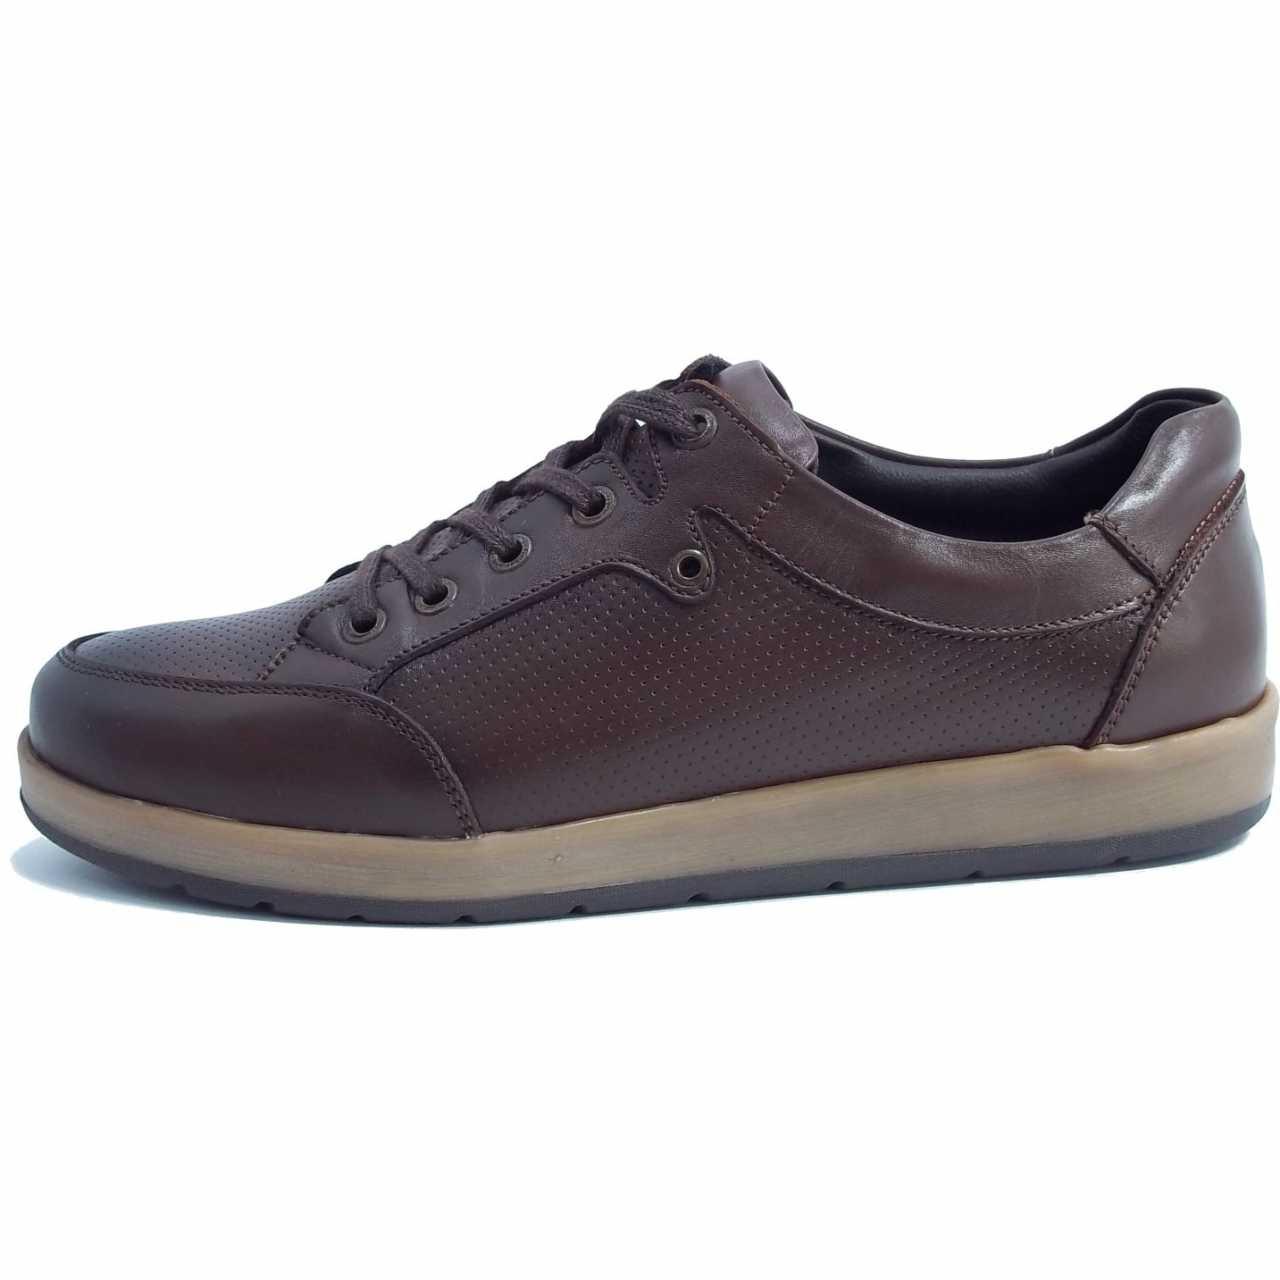 کفش اسپرت چرم کترپیلار مدل پانچی قهوه ای